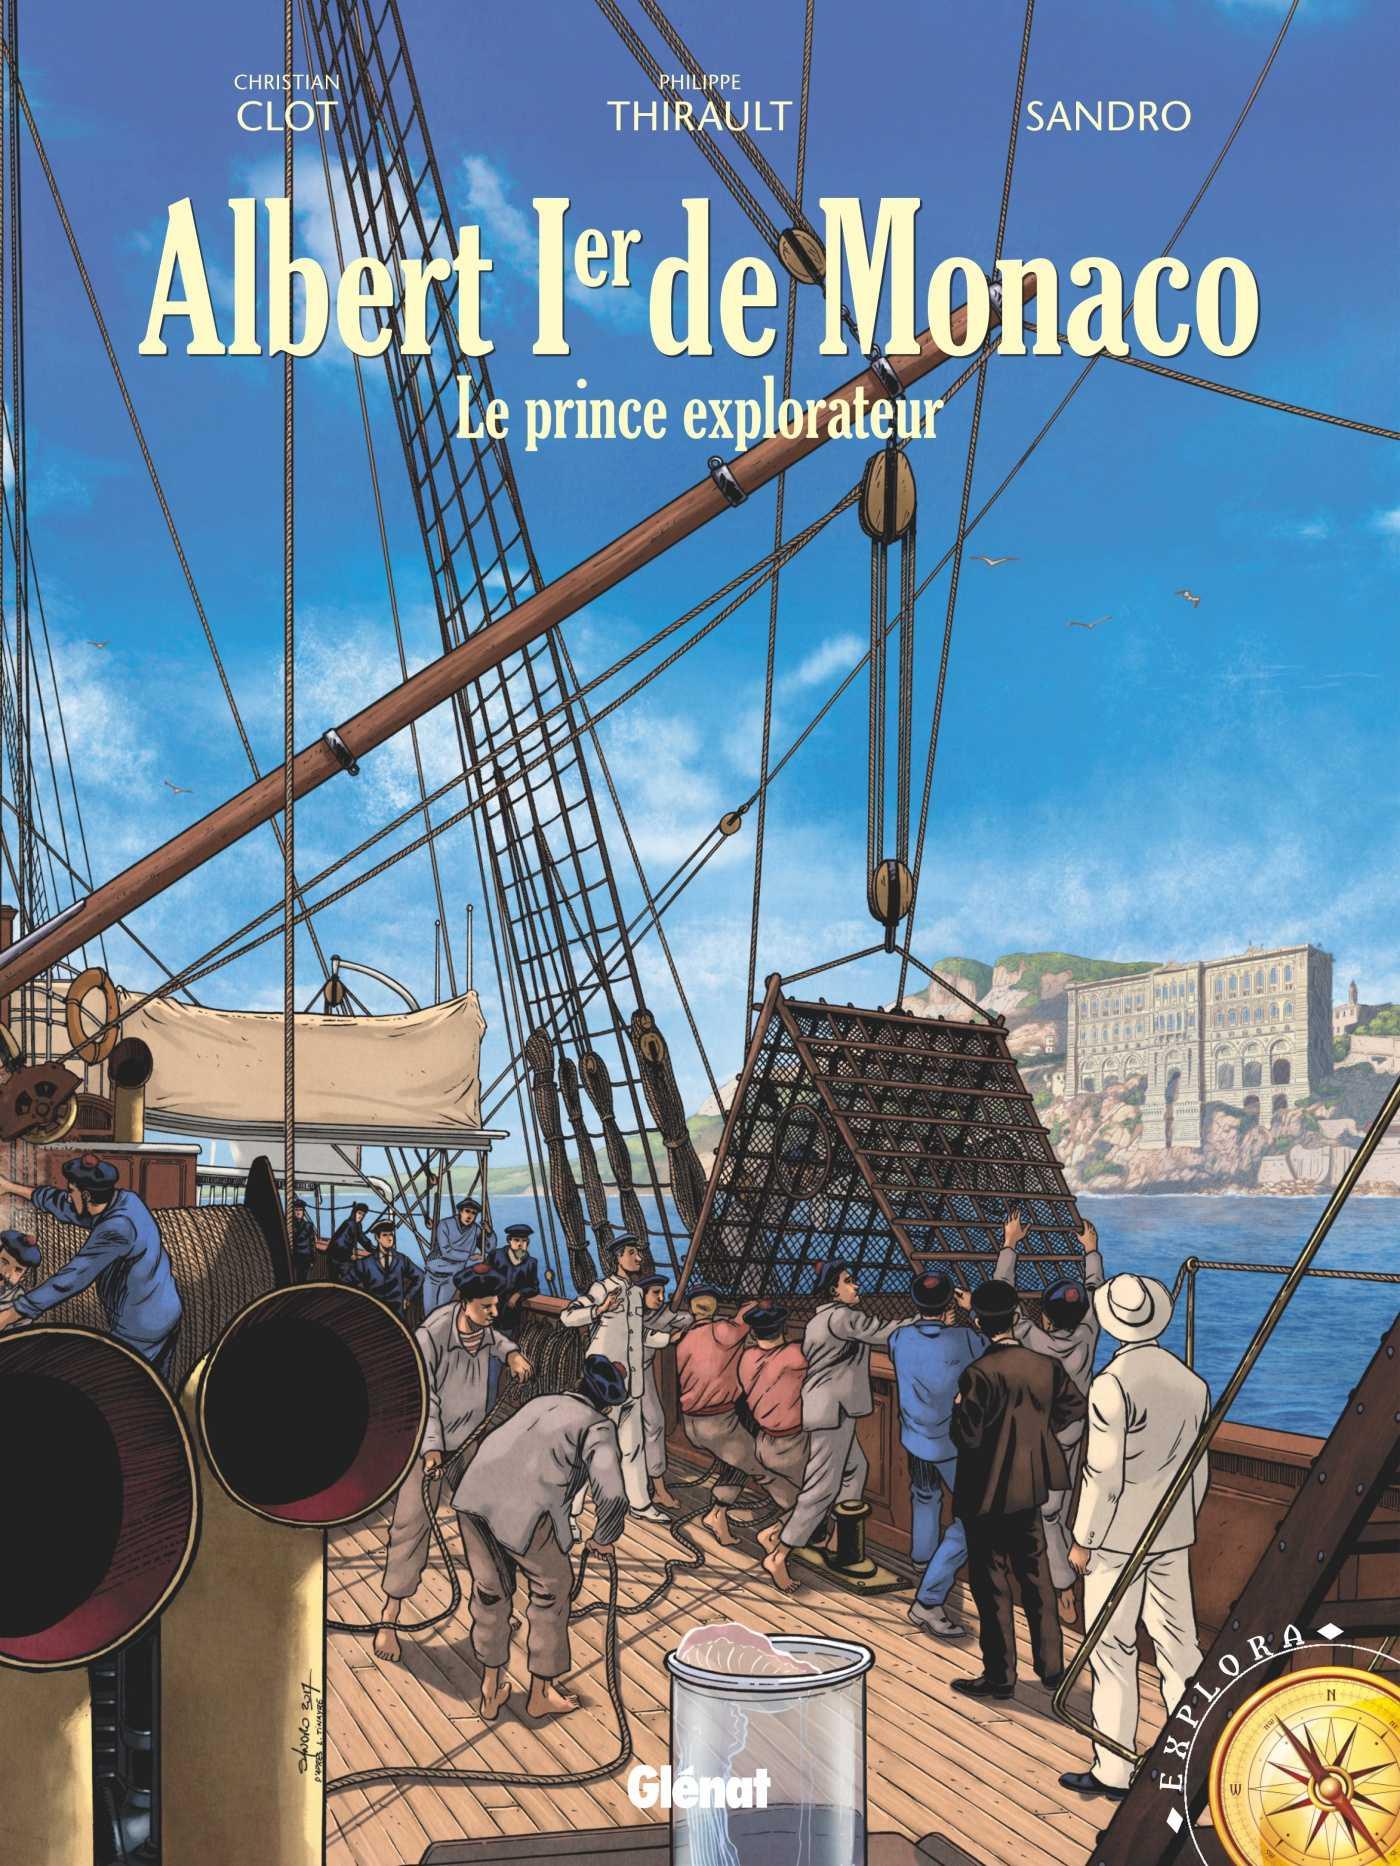 Albert Ier de Monaco, un défenseur des océans